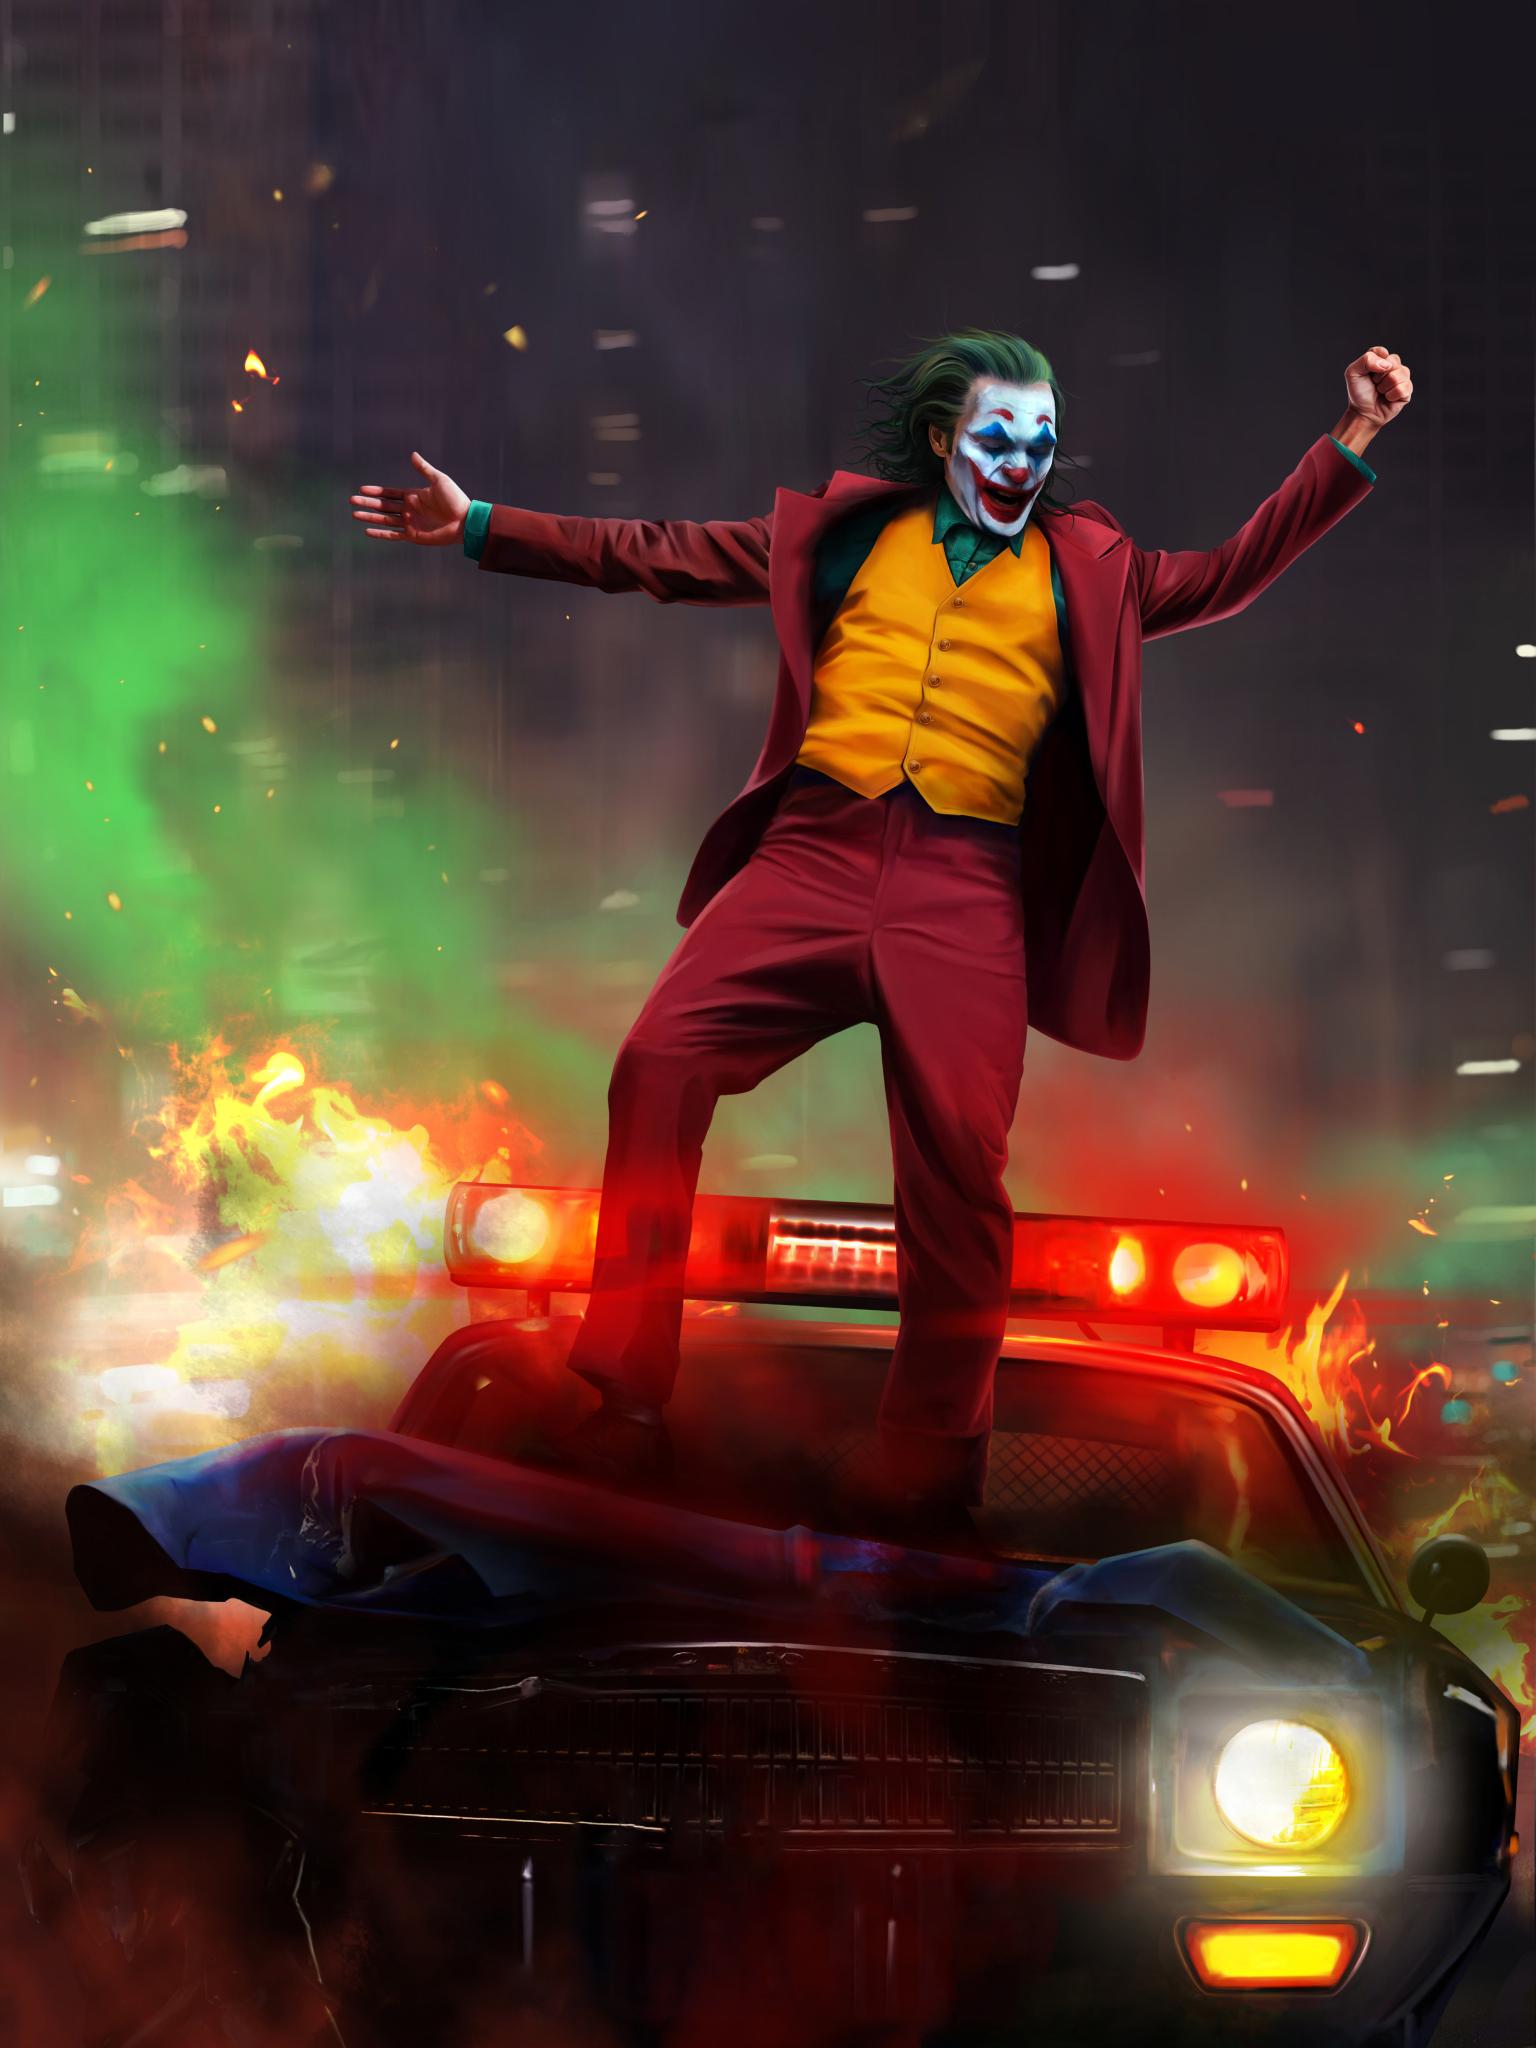 Black Neon: Ultra Hd Neon Joker Wallpaper